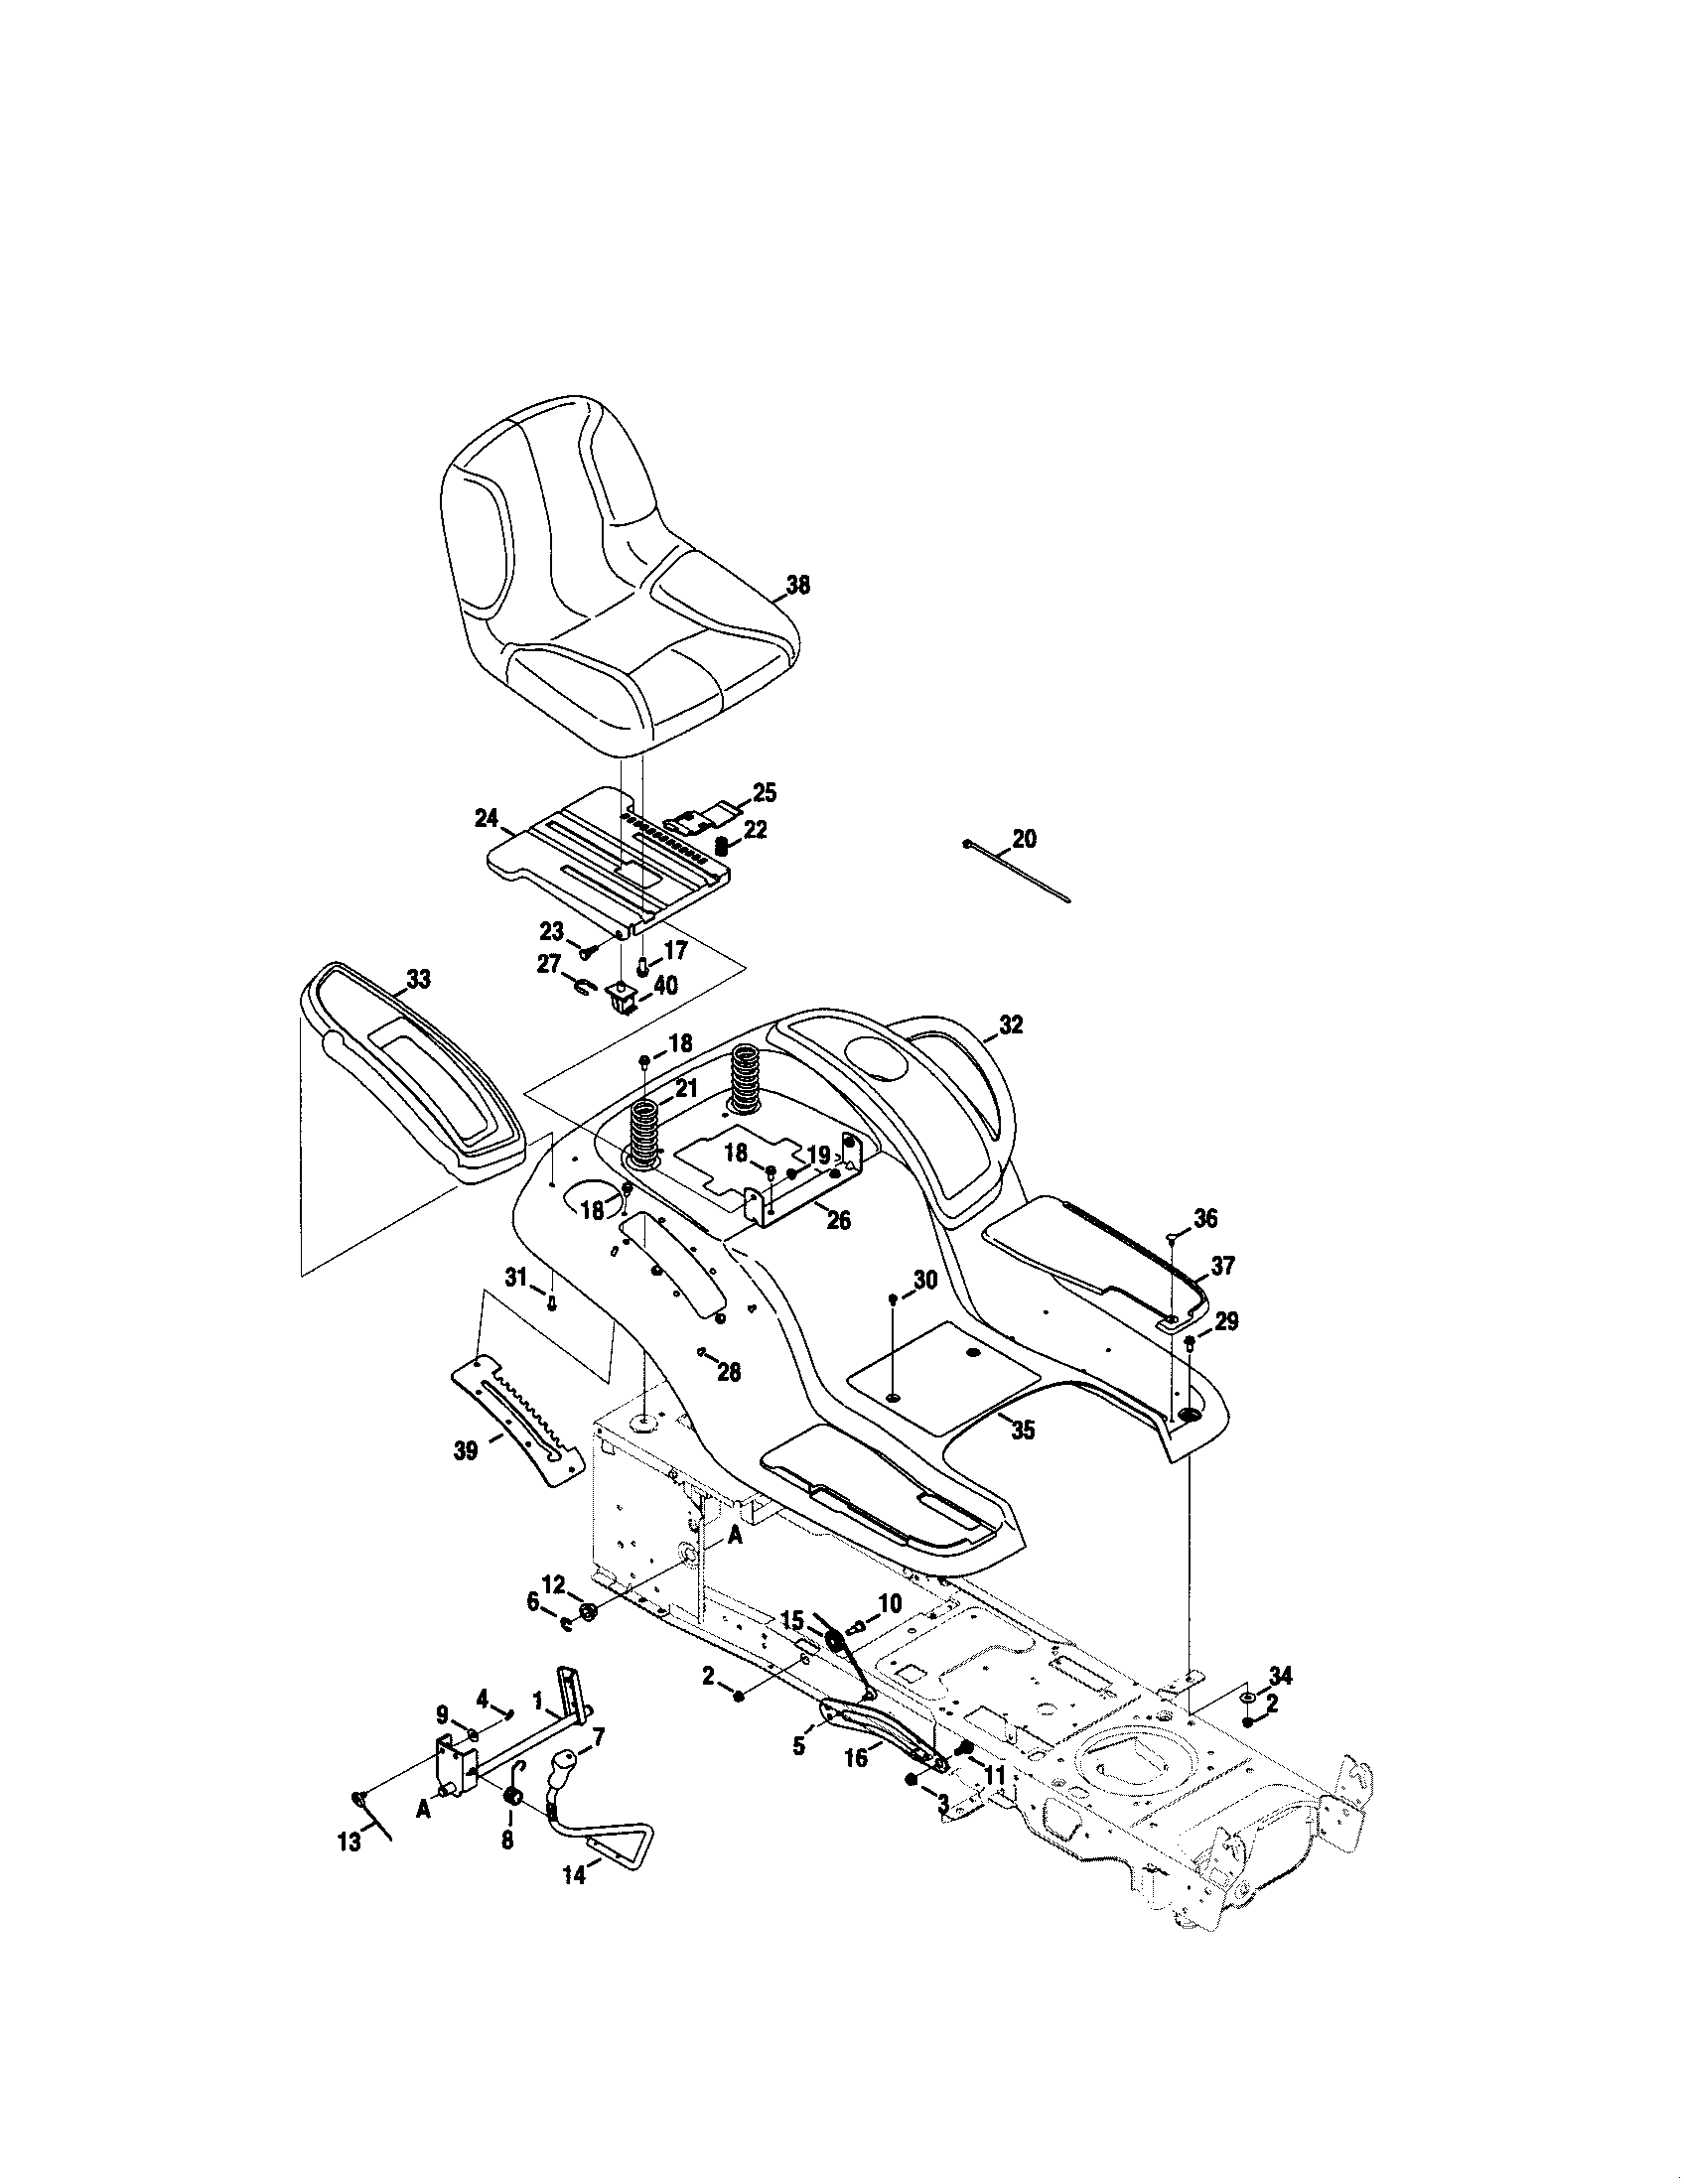 Craftsman model 247289800 lawn, tractor genuine parts